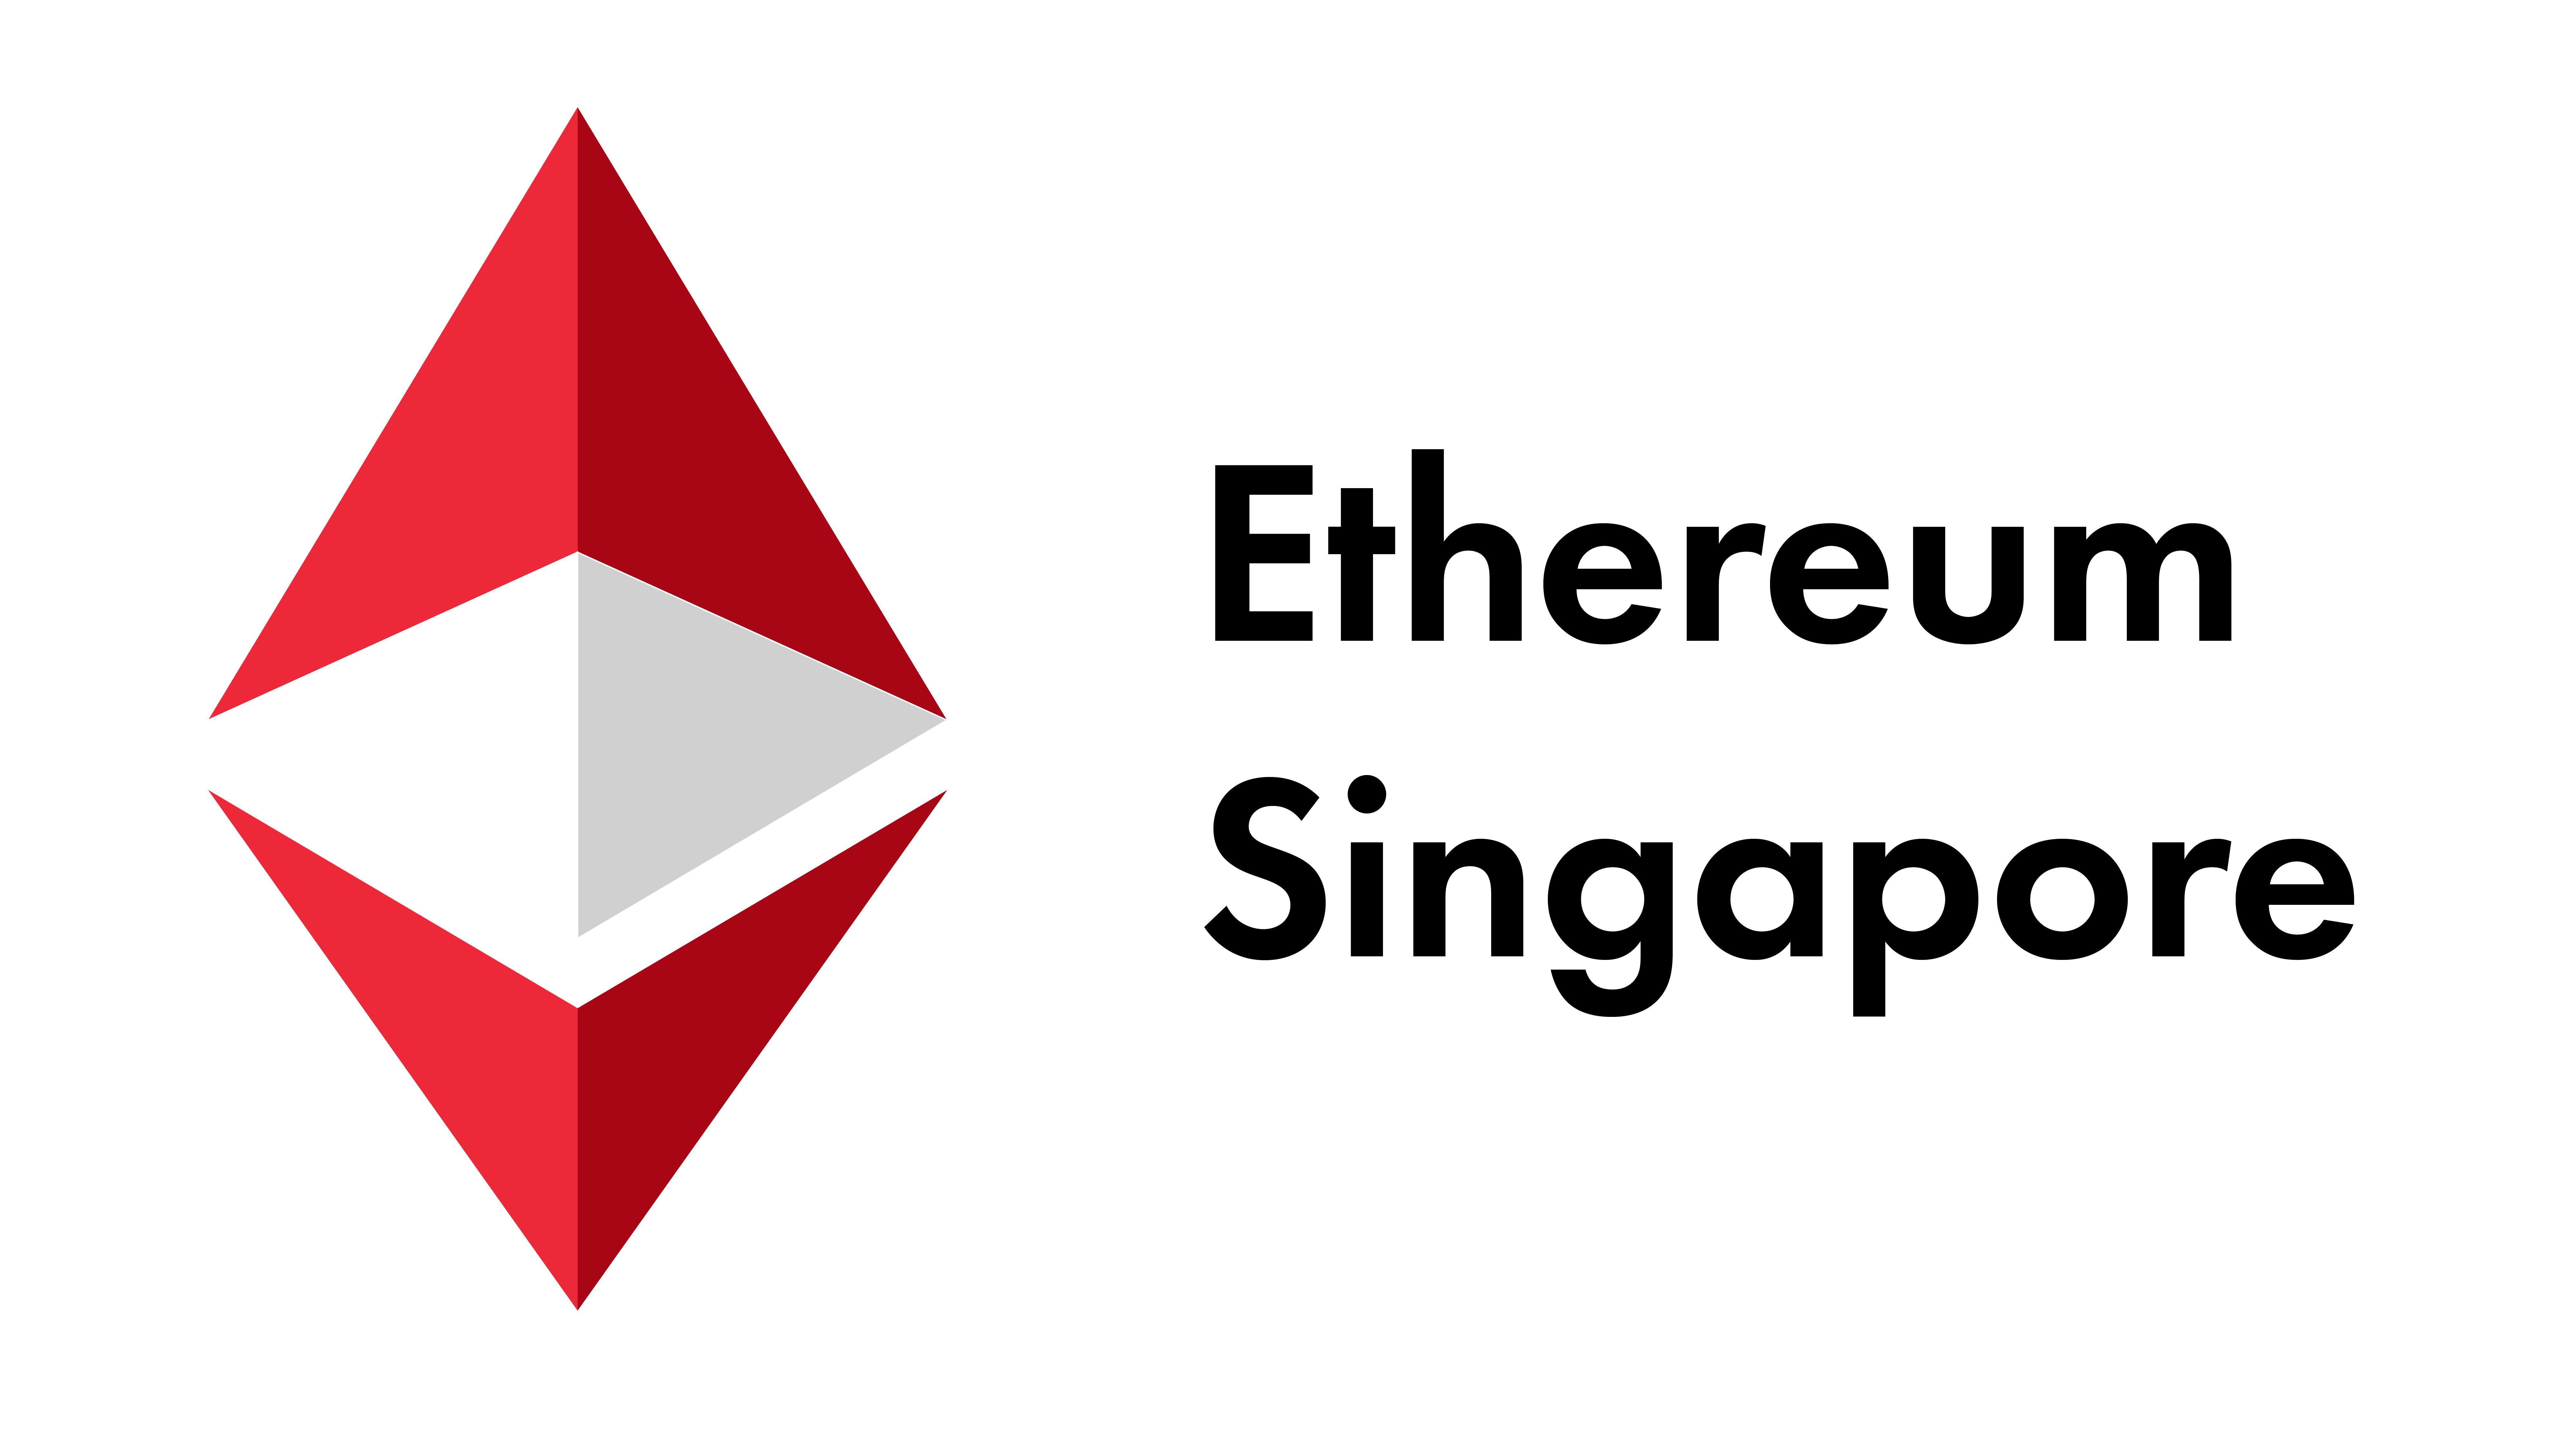 Ethereum Singapore